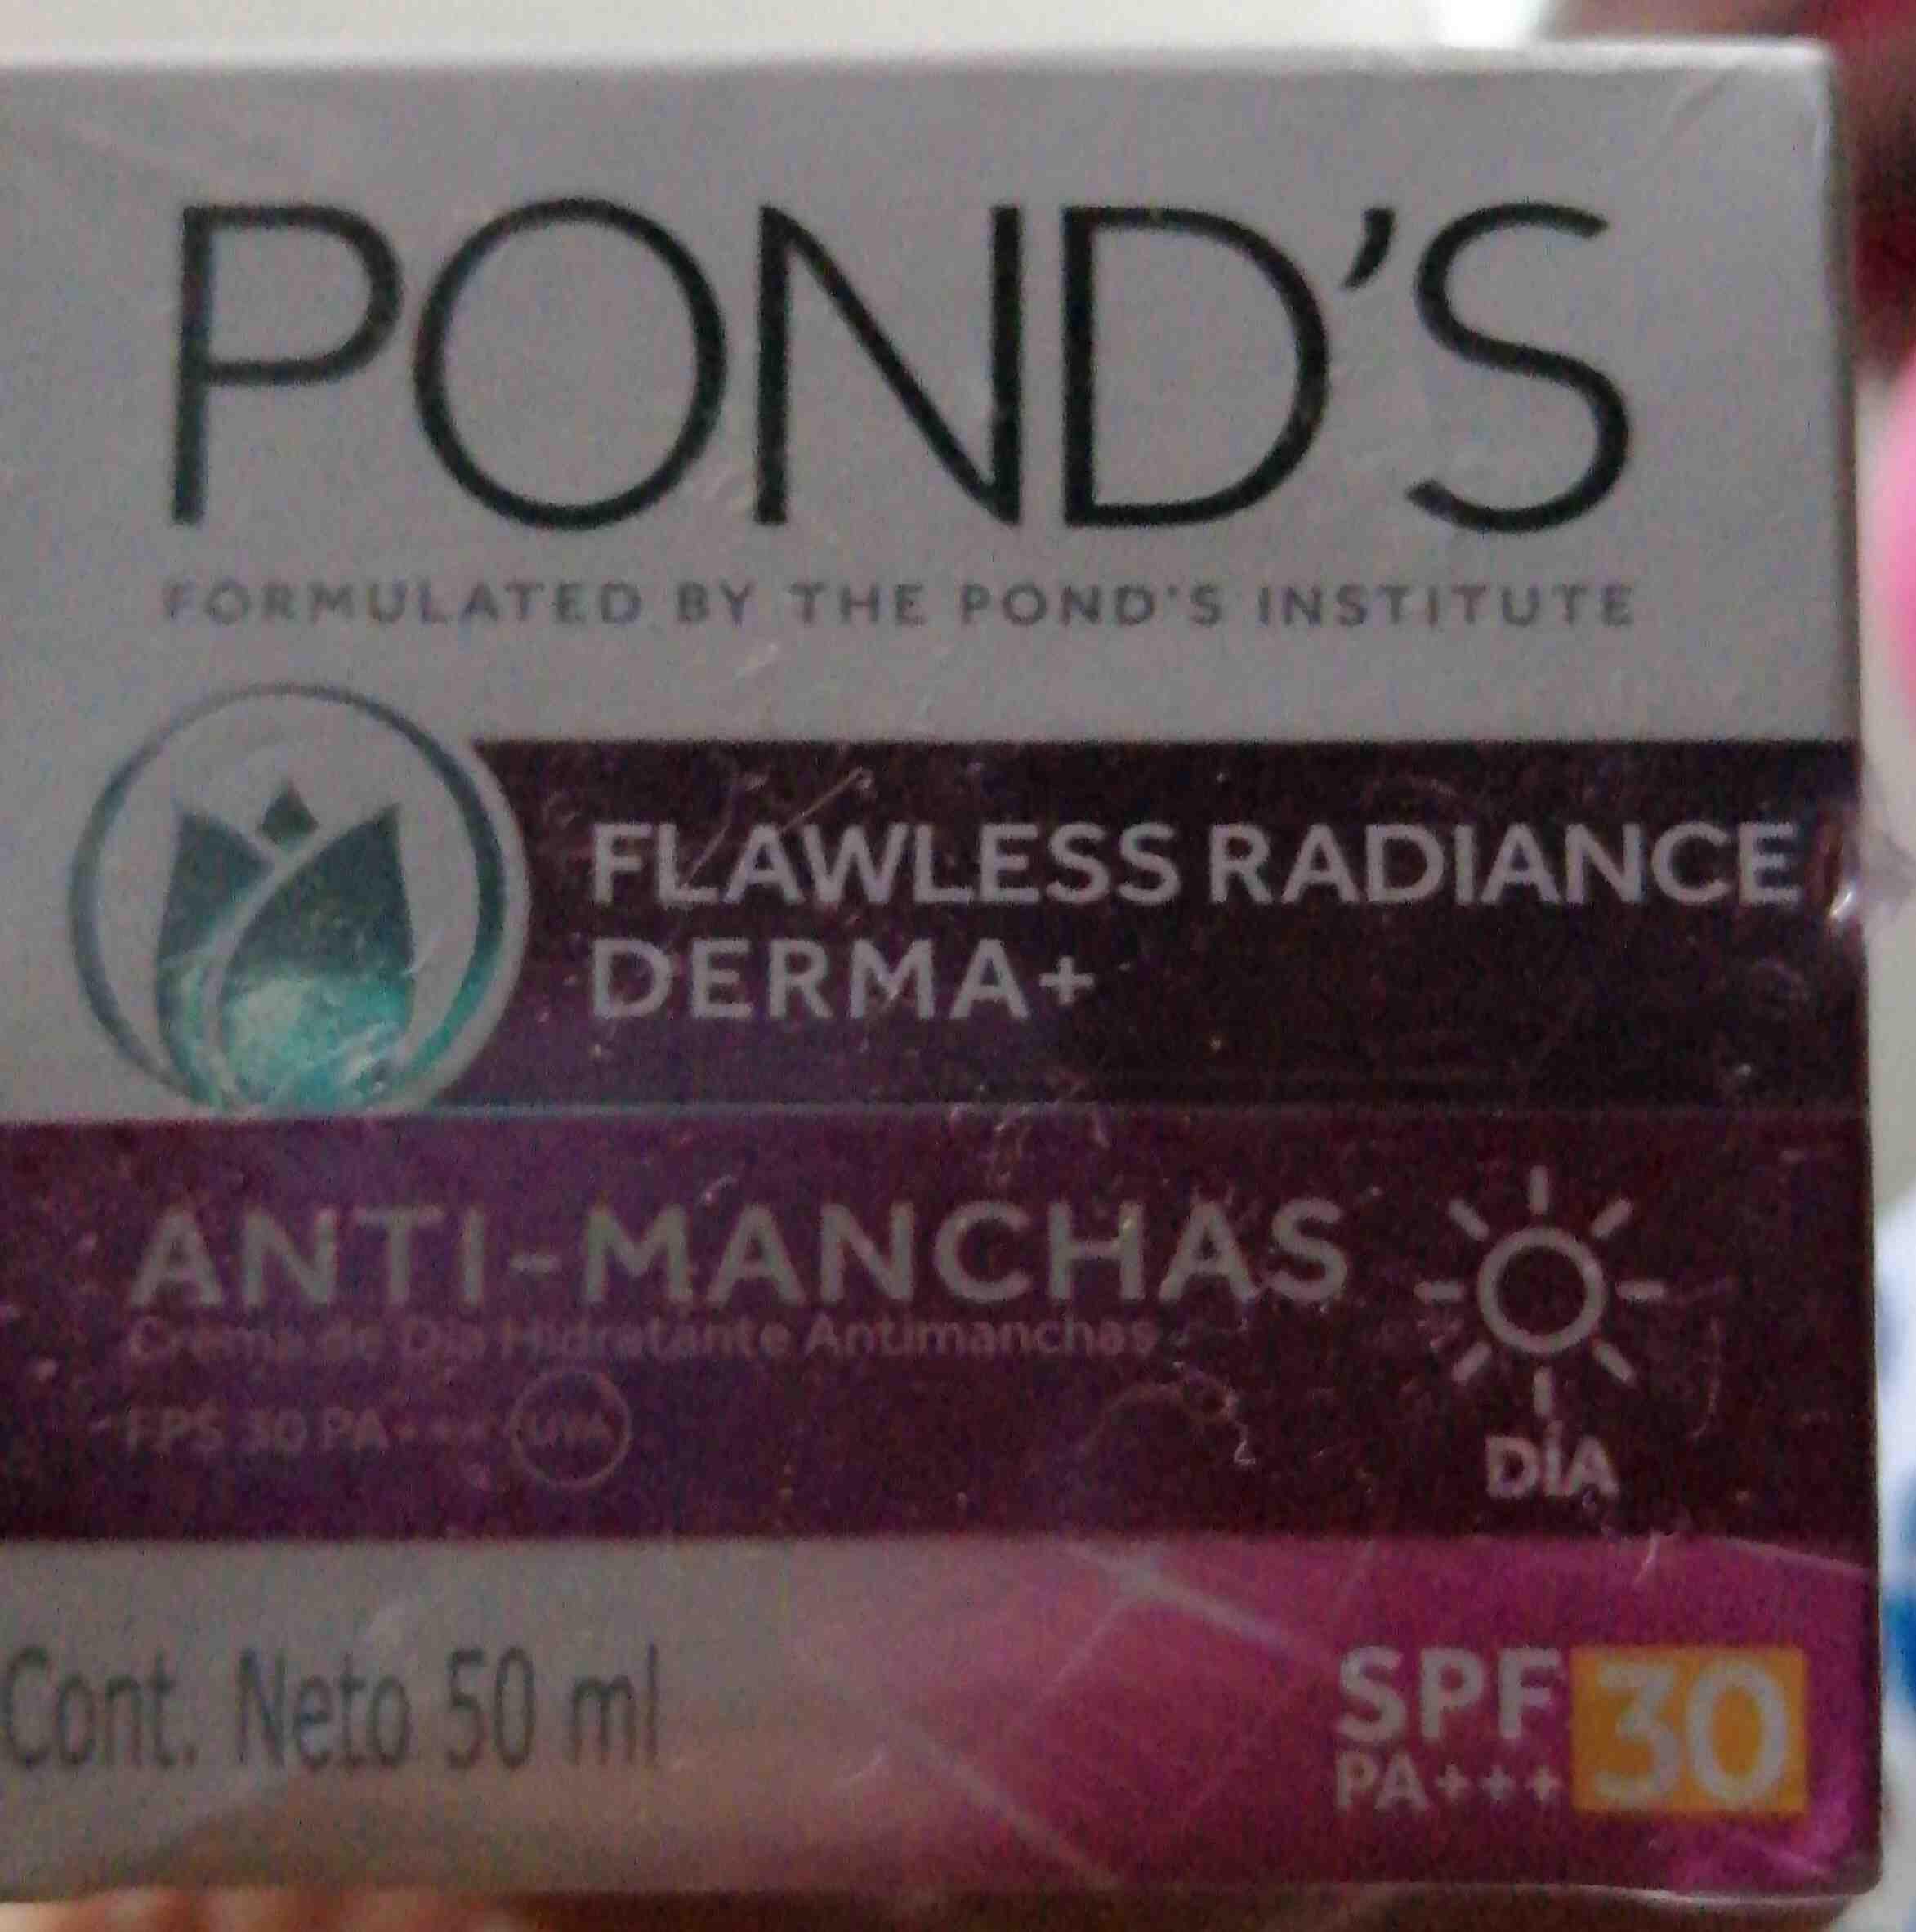 Ponds - Product - en